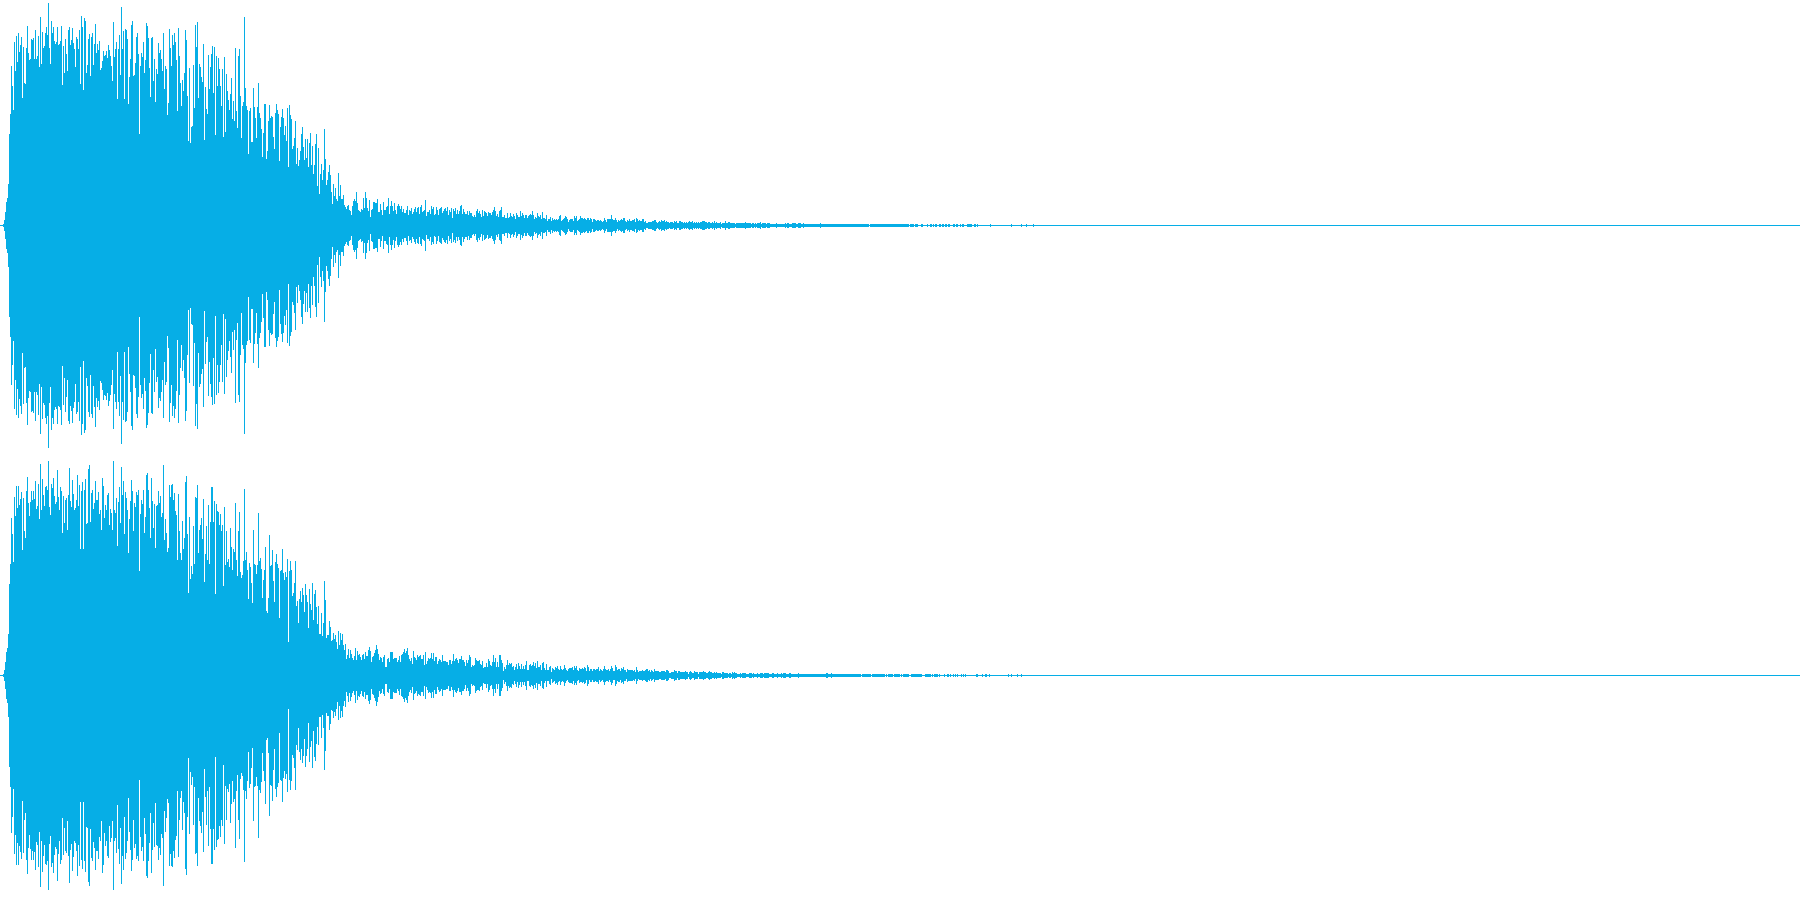 KAKUGE 格闘ゲーム戦闘音 68の再生済みの波形